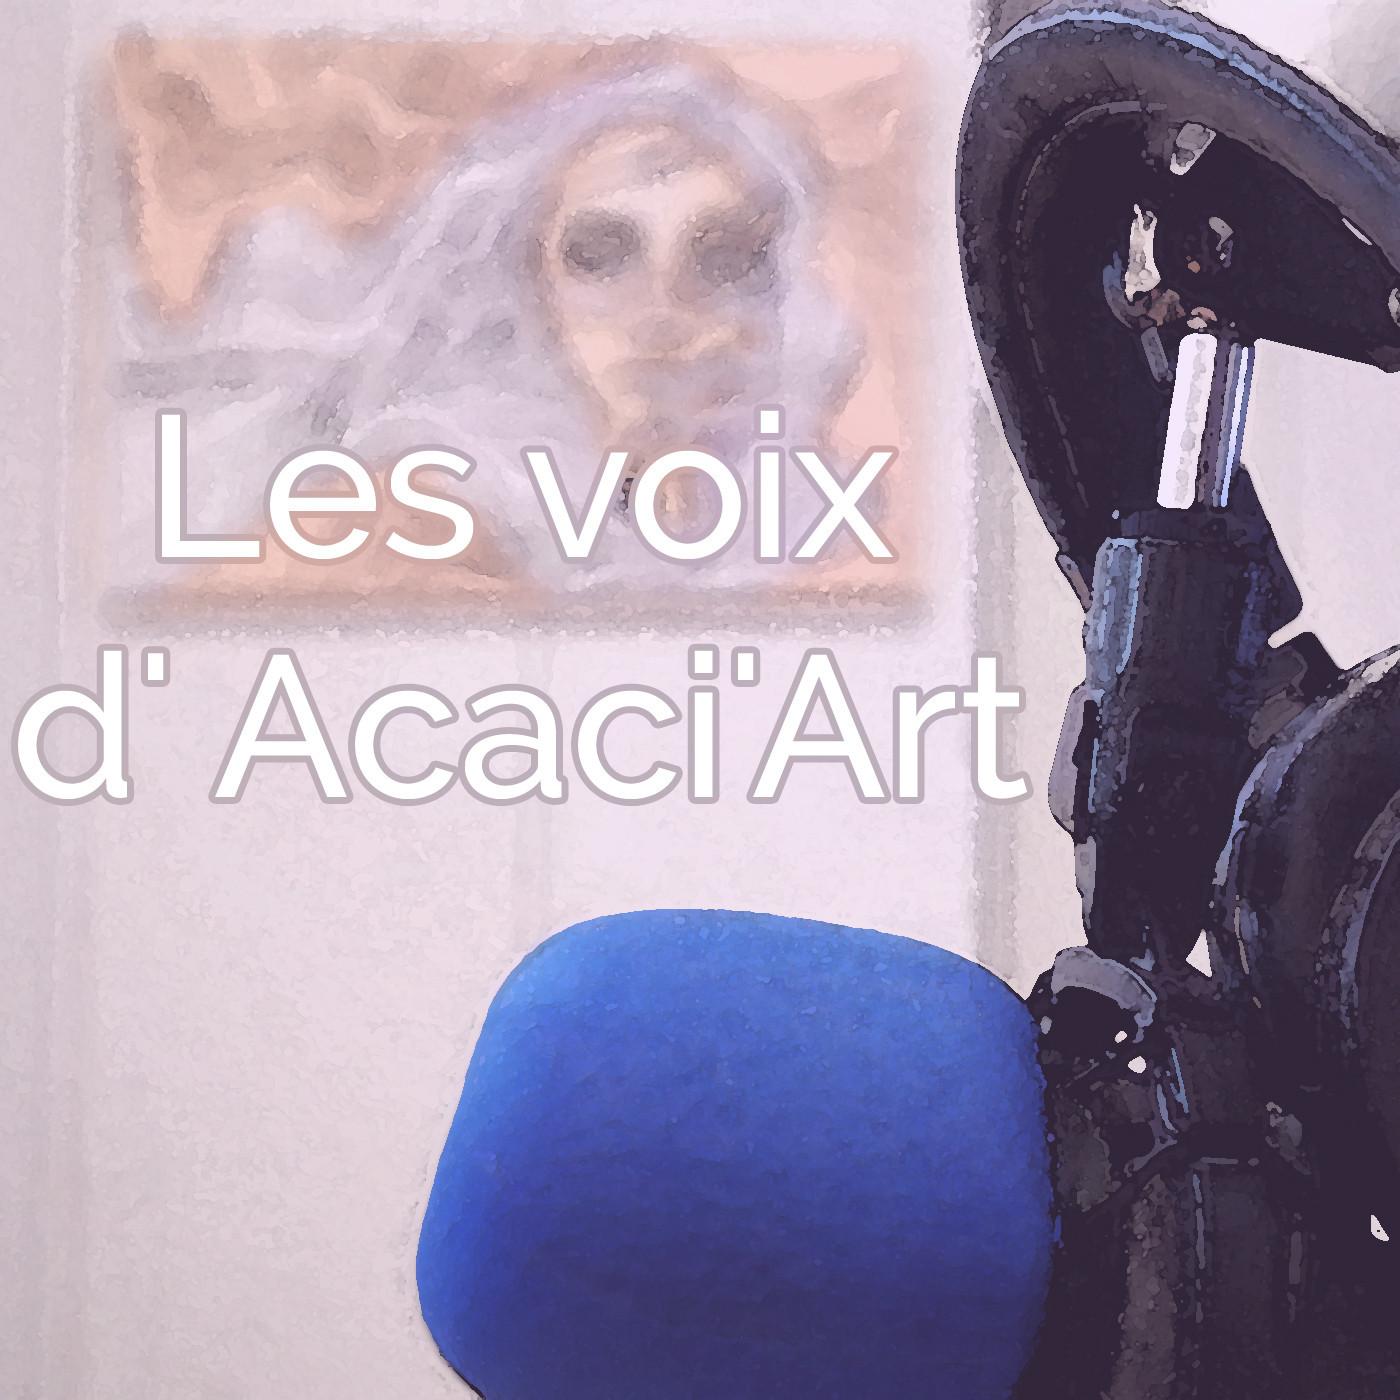 Les voix d'Acaci'Art - Kees Van Dijk - Plasticien